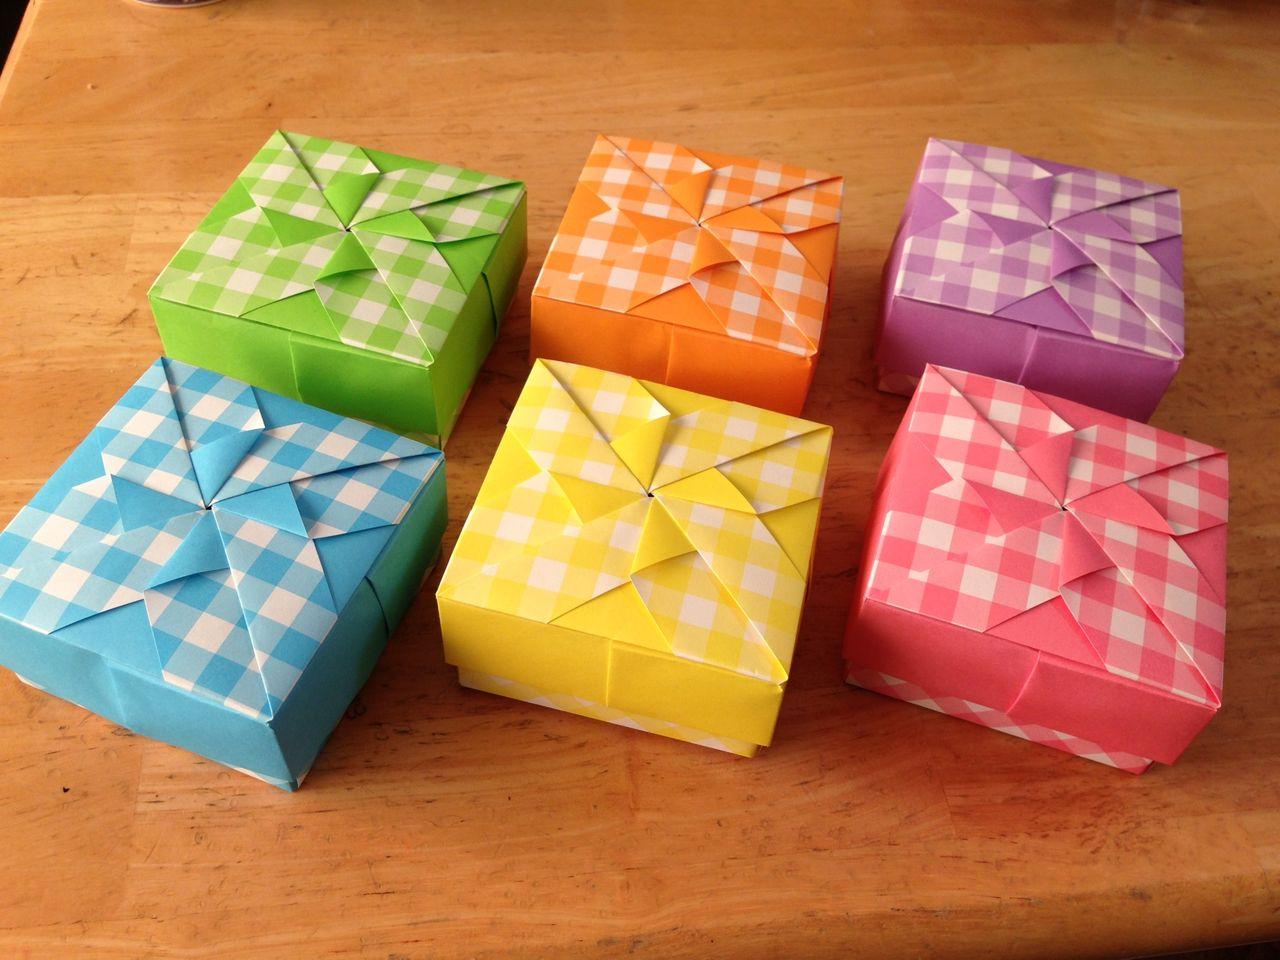 ホラン千秋 折り紙」の検索 ... : 折り紙 箱の作り方 : 折り紙